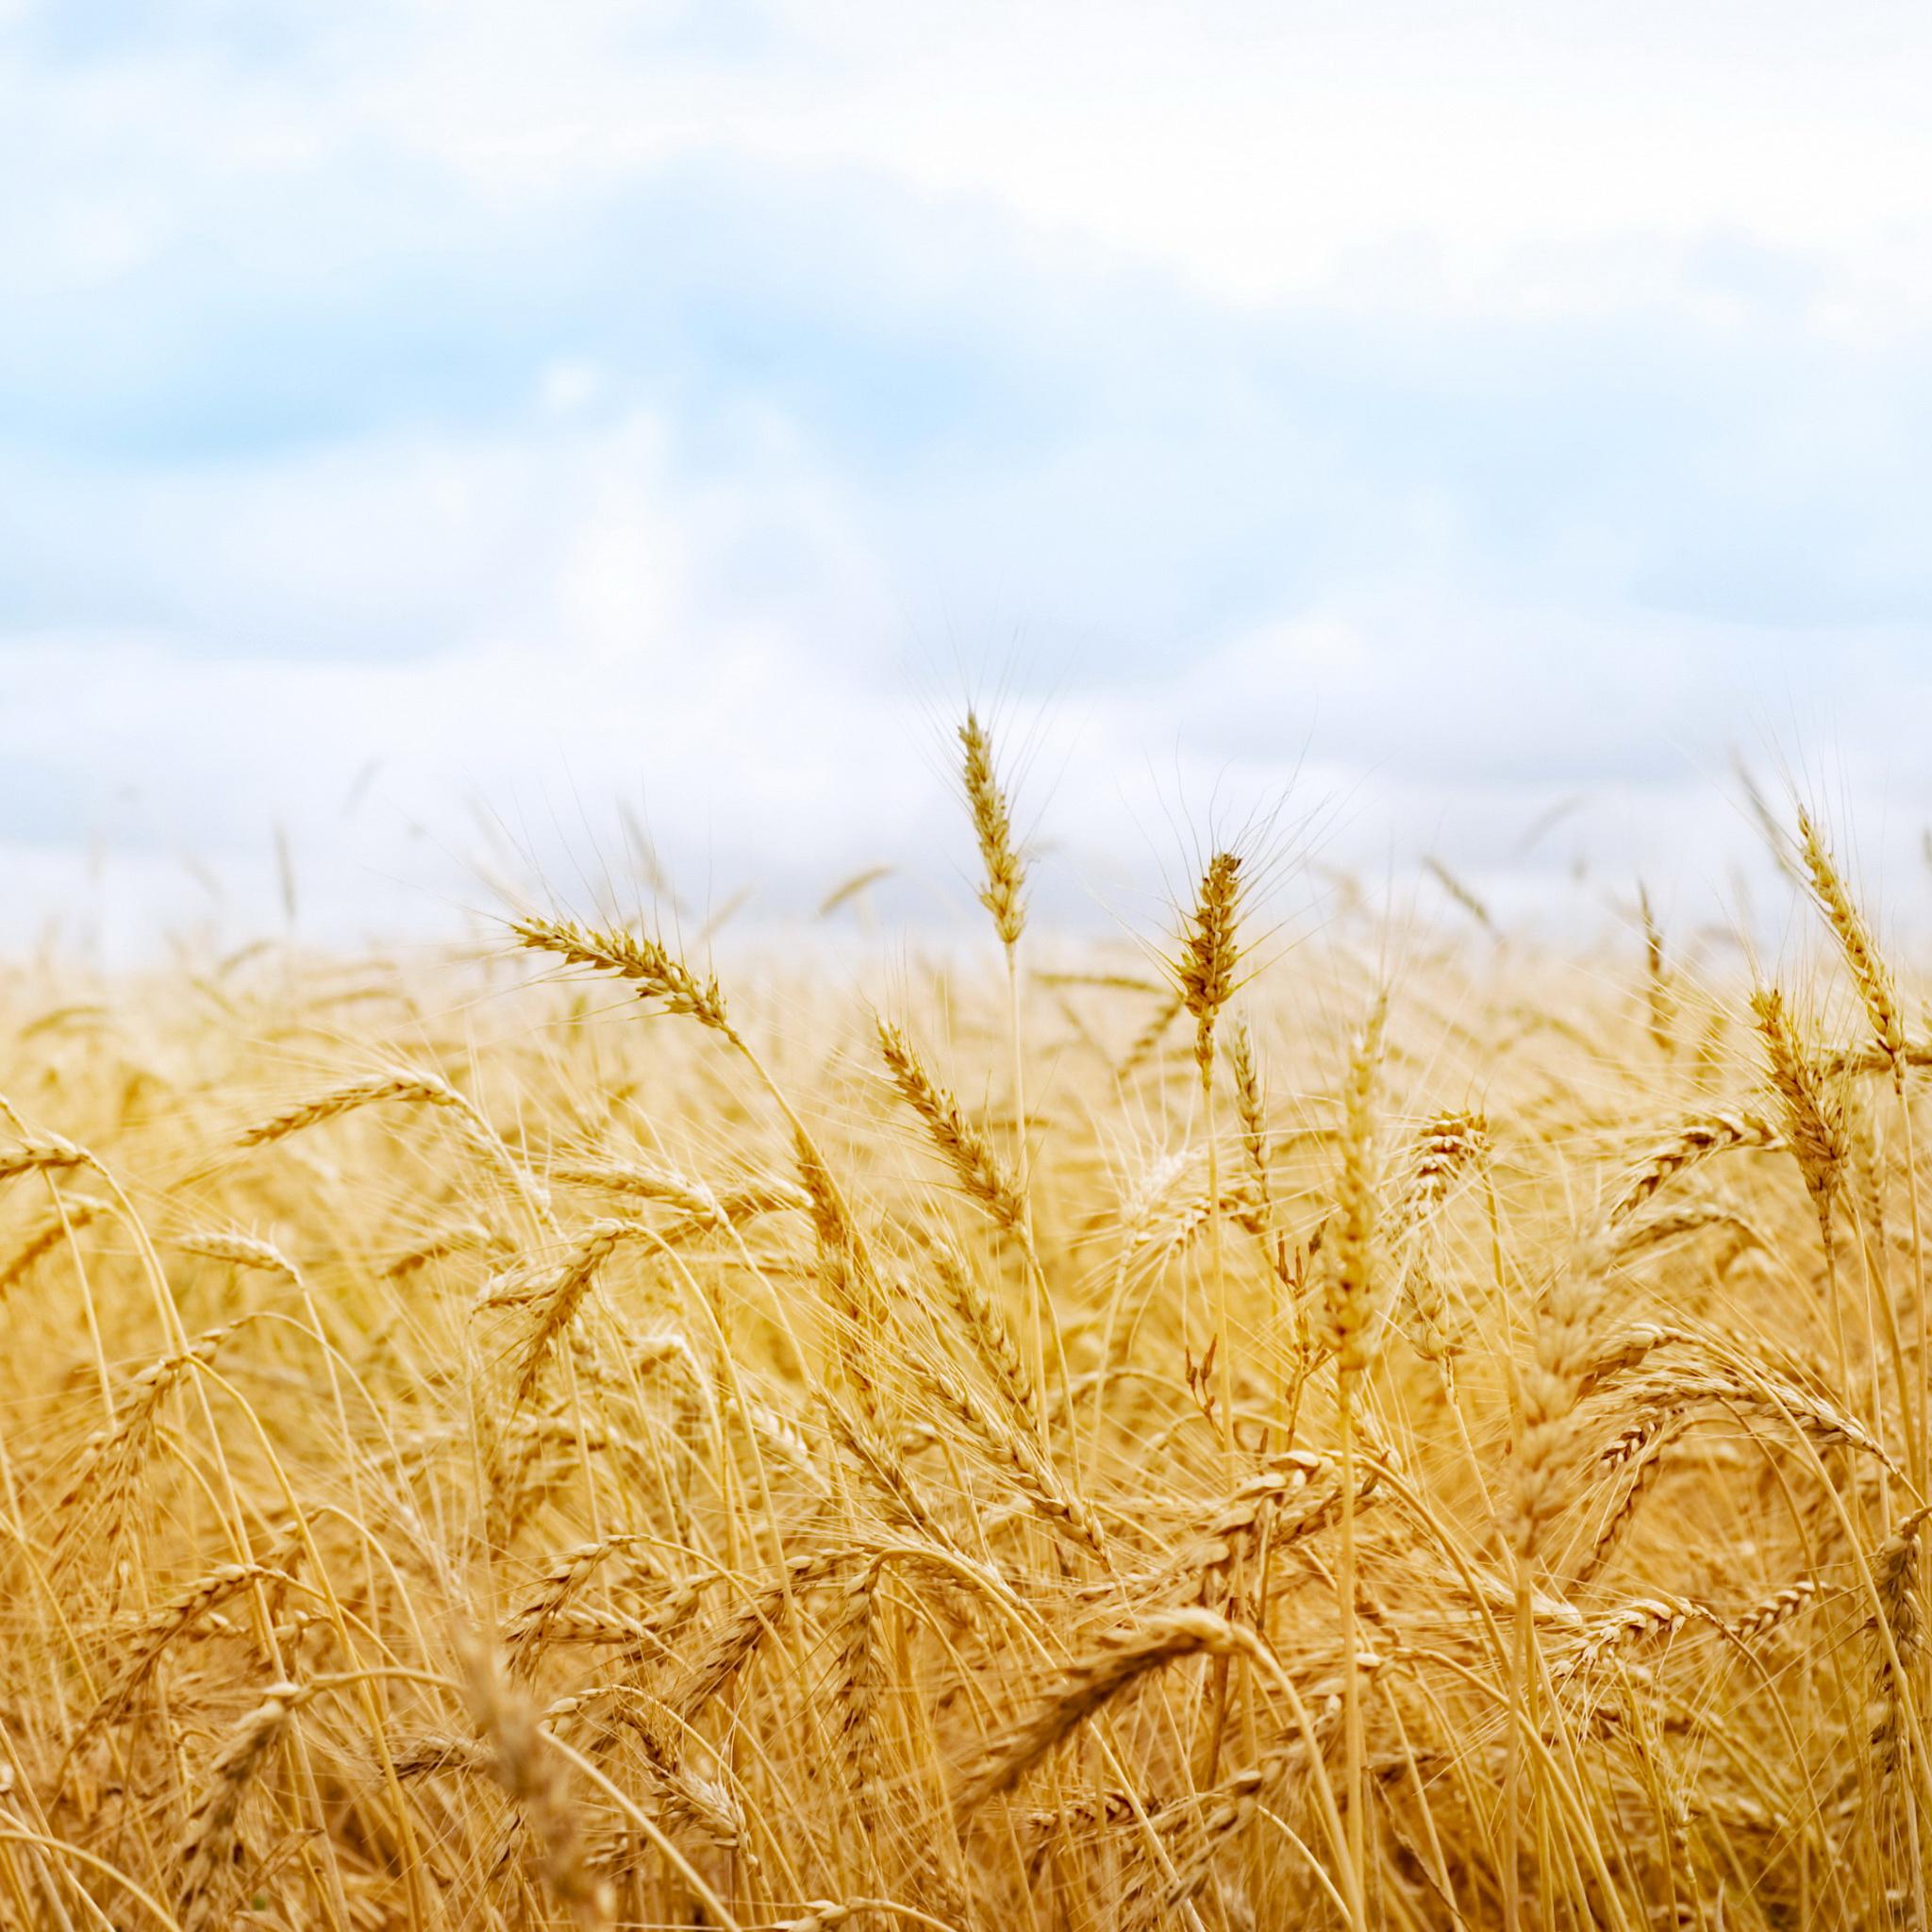 Wheat-in-Wind-3Wallpapers-iPad-Retina